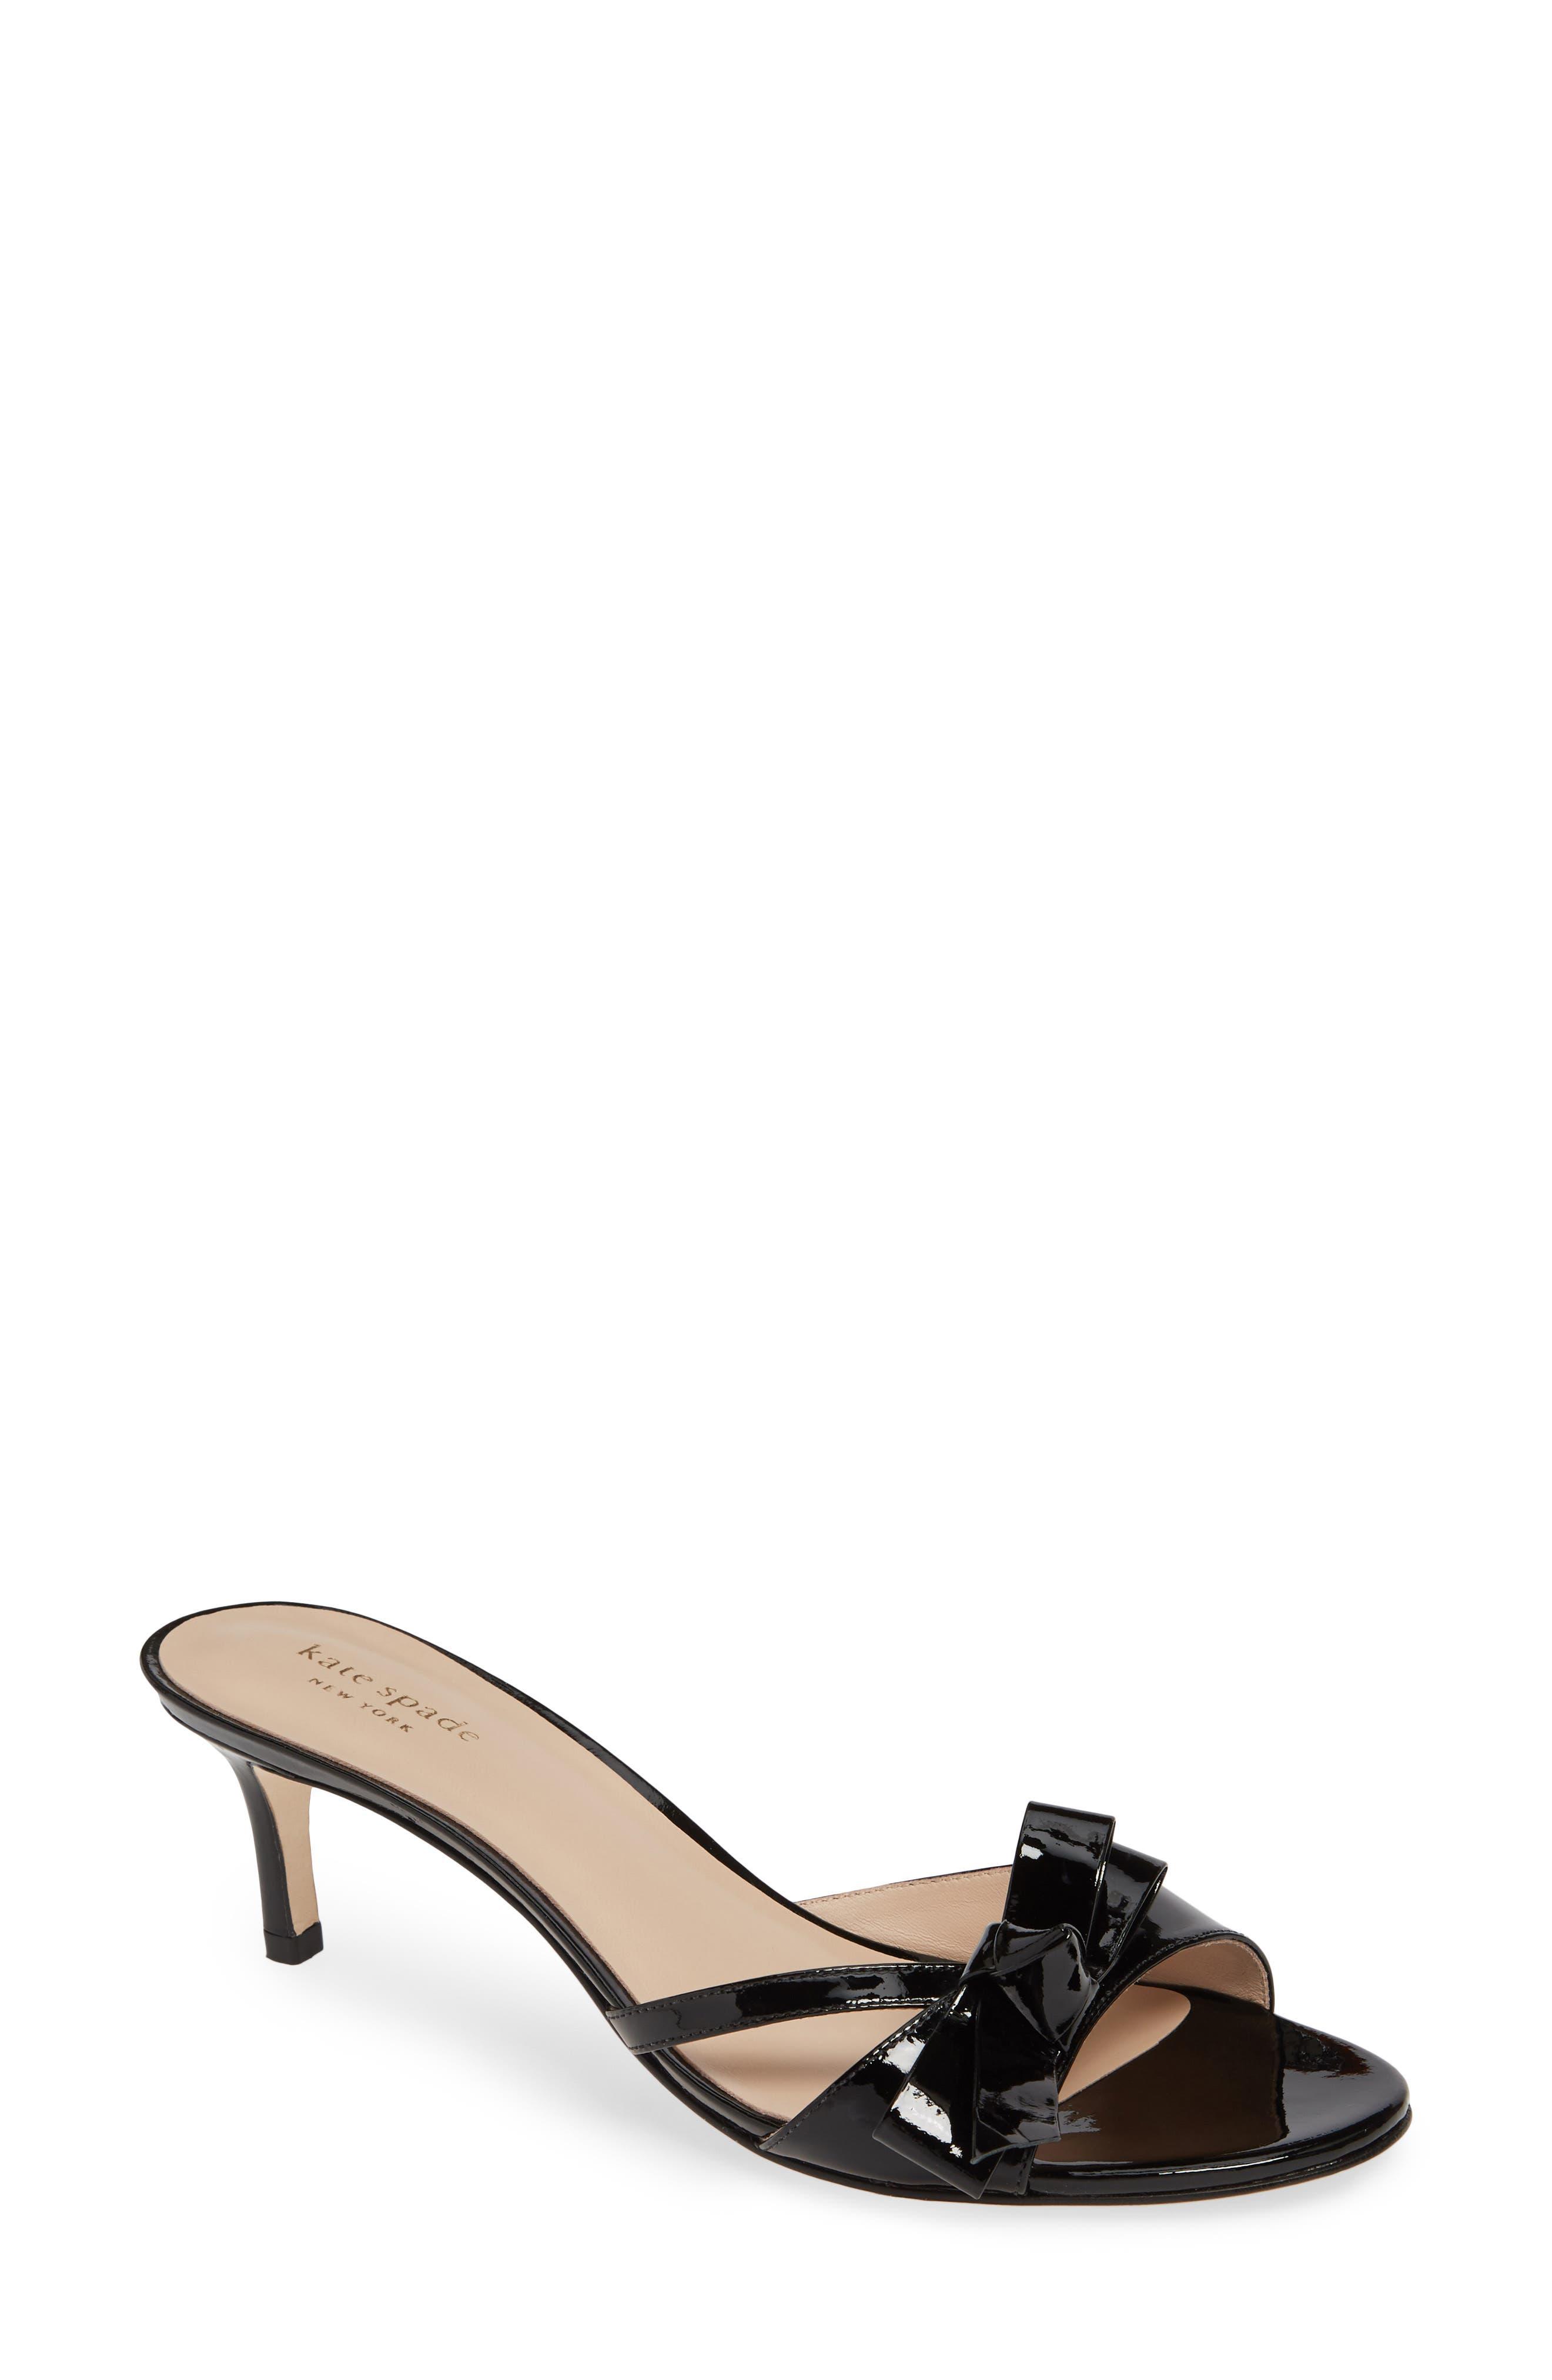 Kate Spade New York Simona Bow Slide Sandal